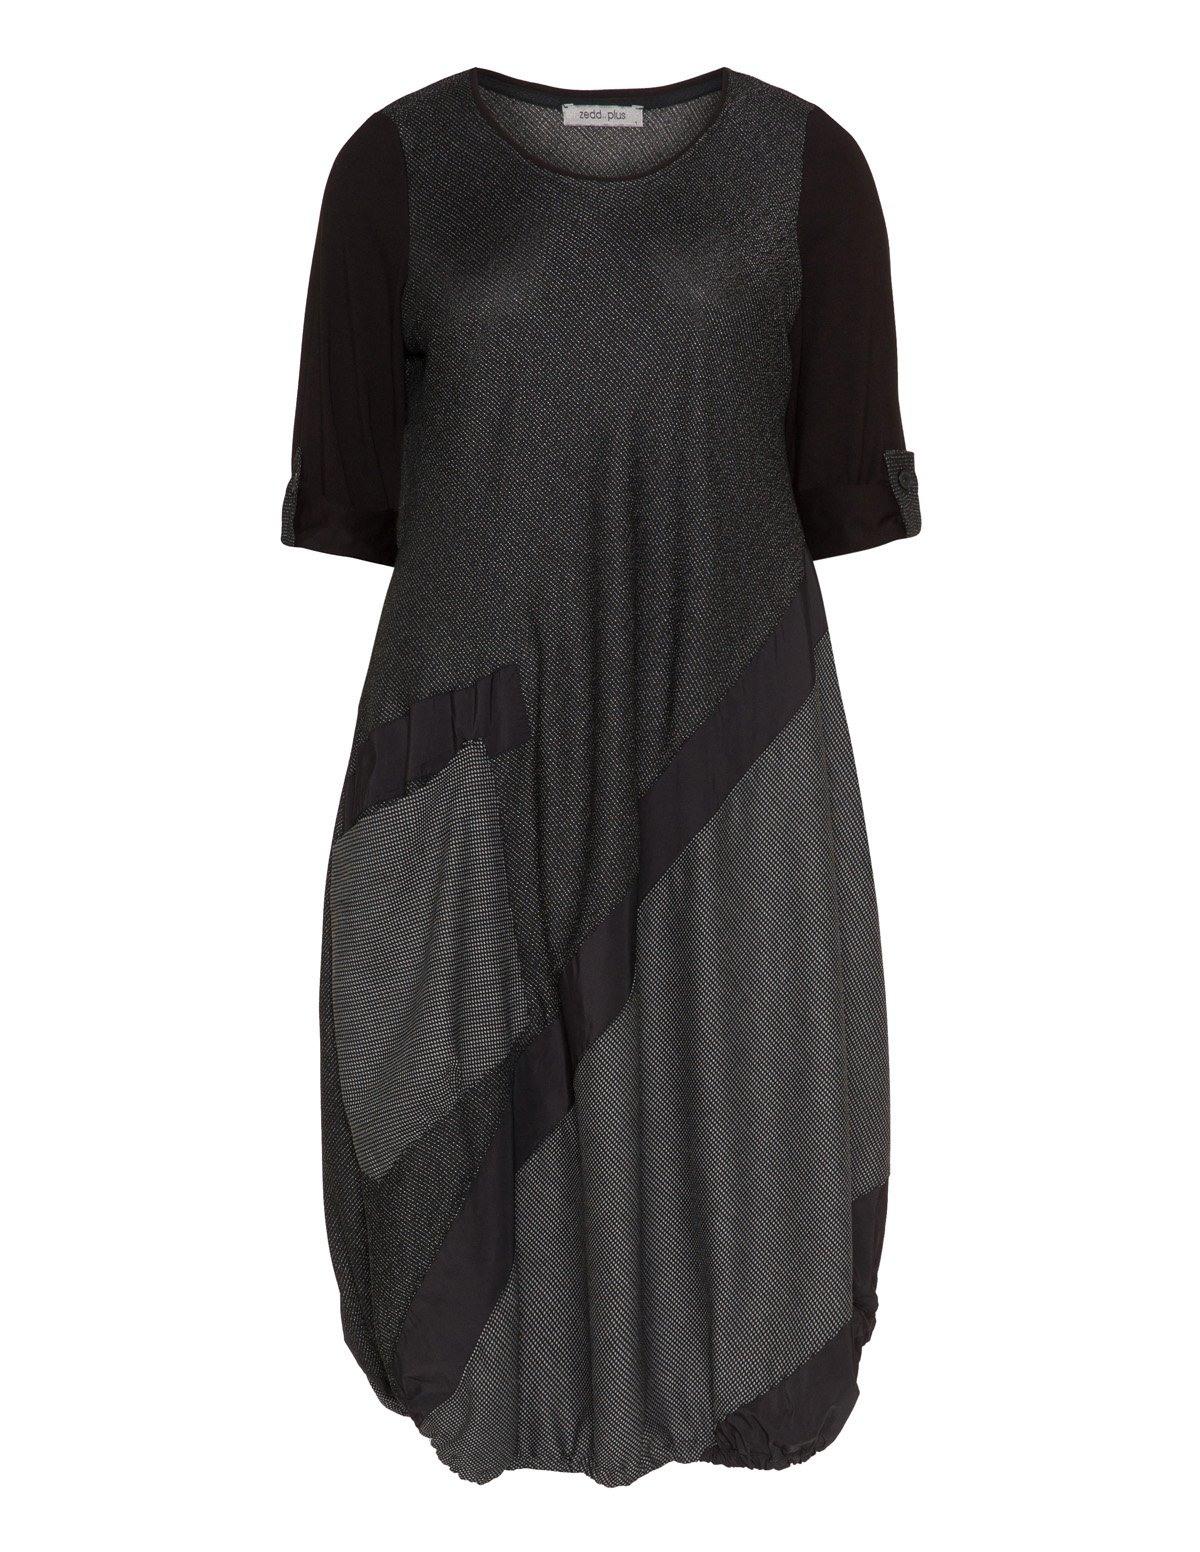 Formal Großartig Kleid Der O Bester PreisDesigner Schön Kleid Der O Stylish